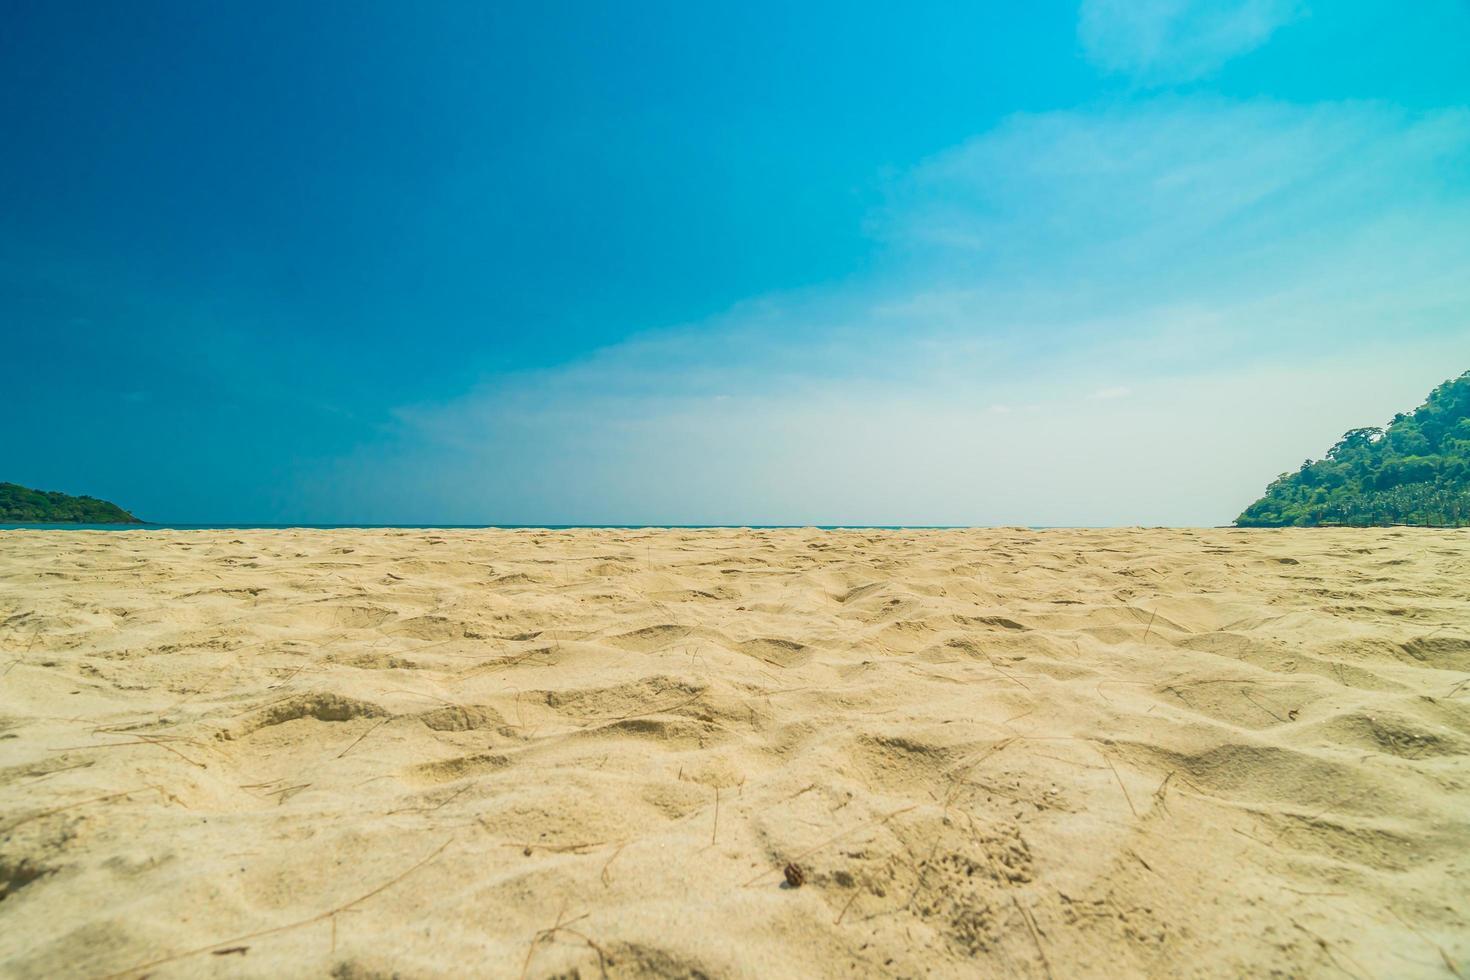 playa tropical en una isla paradisíaca foto